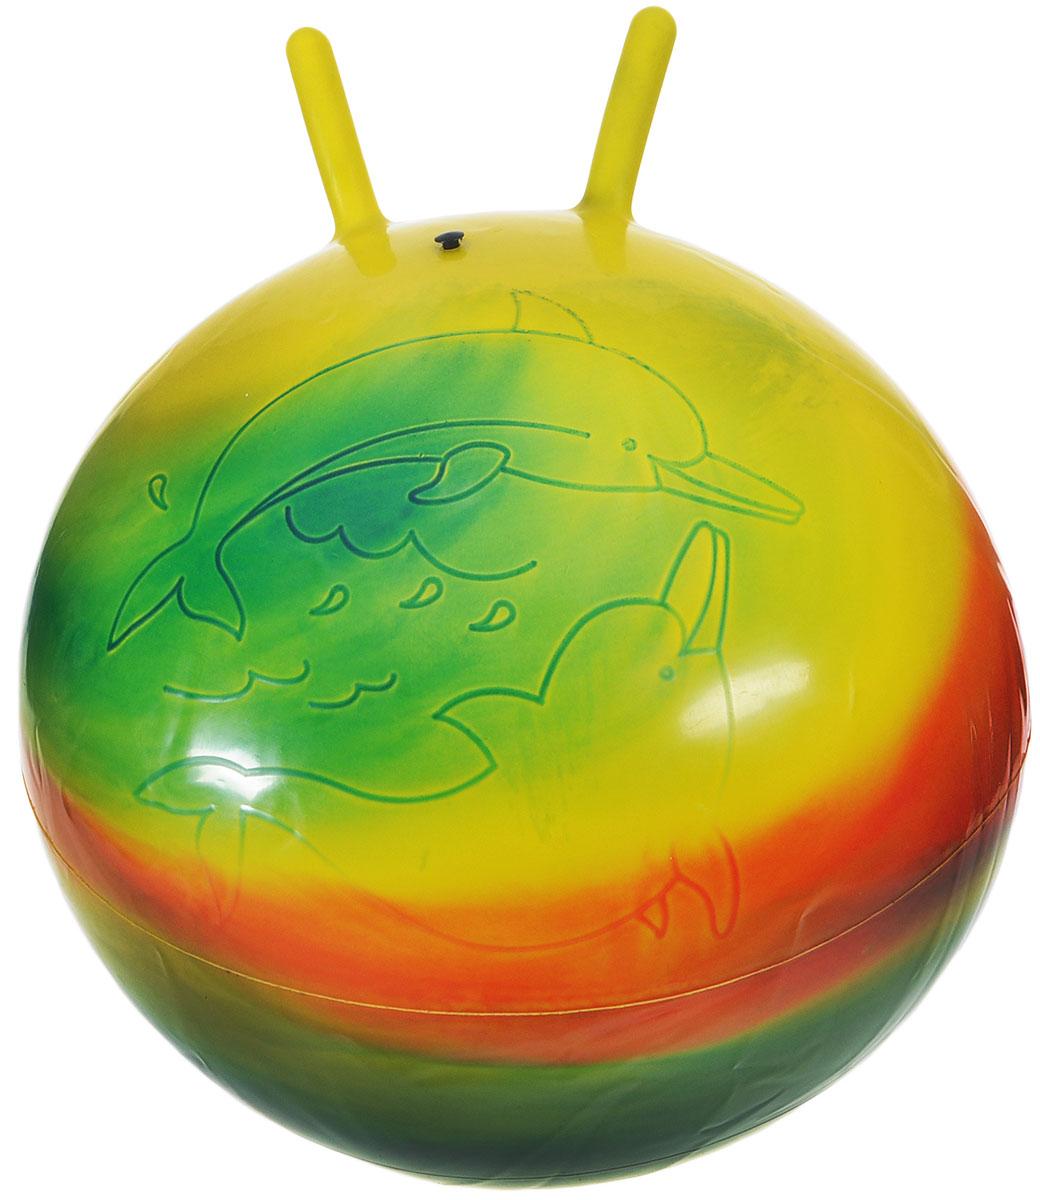 Stantoma Игрушка-попрыгун Мяч с рогами цвет мультиколор 55 см